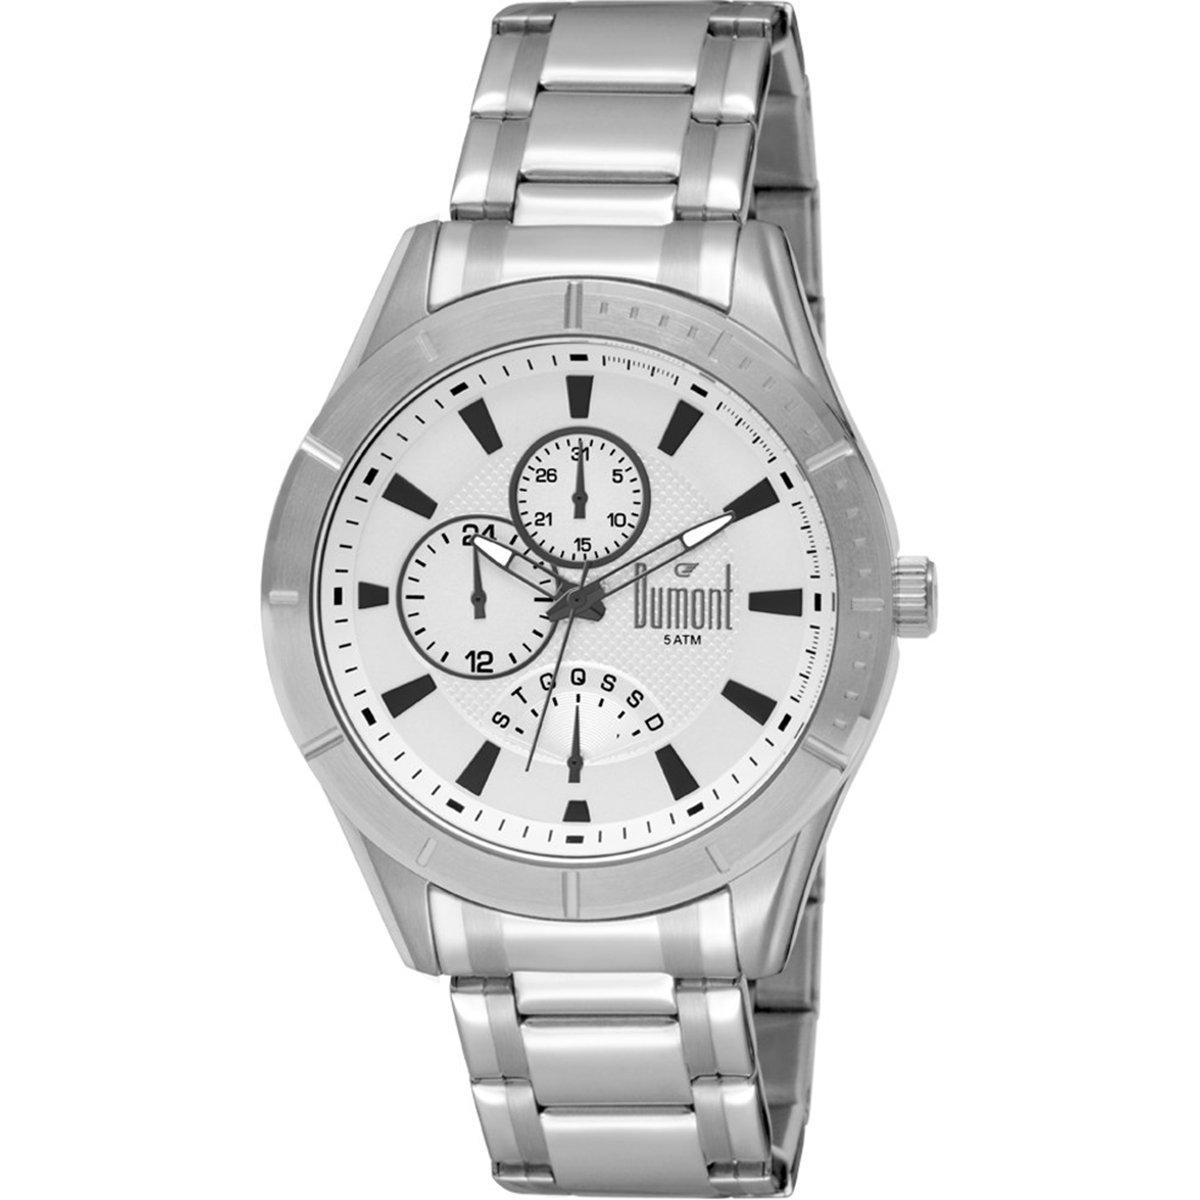 3e60495478f Relógio Dumont Analógico - Prata - Compre Agora